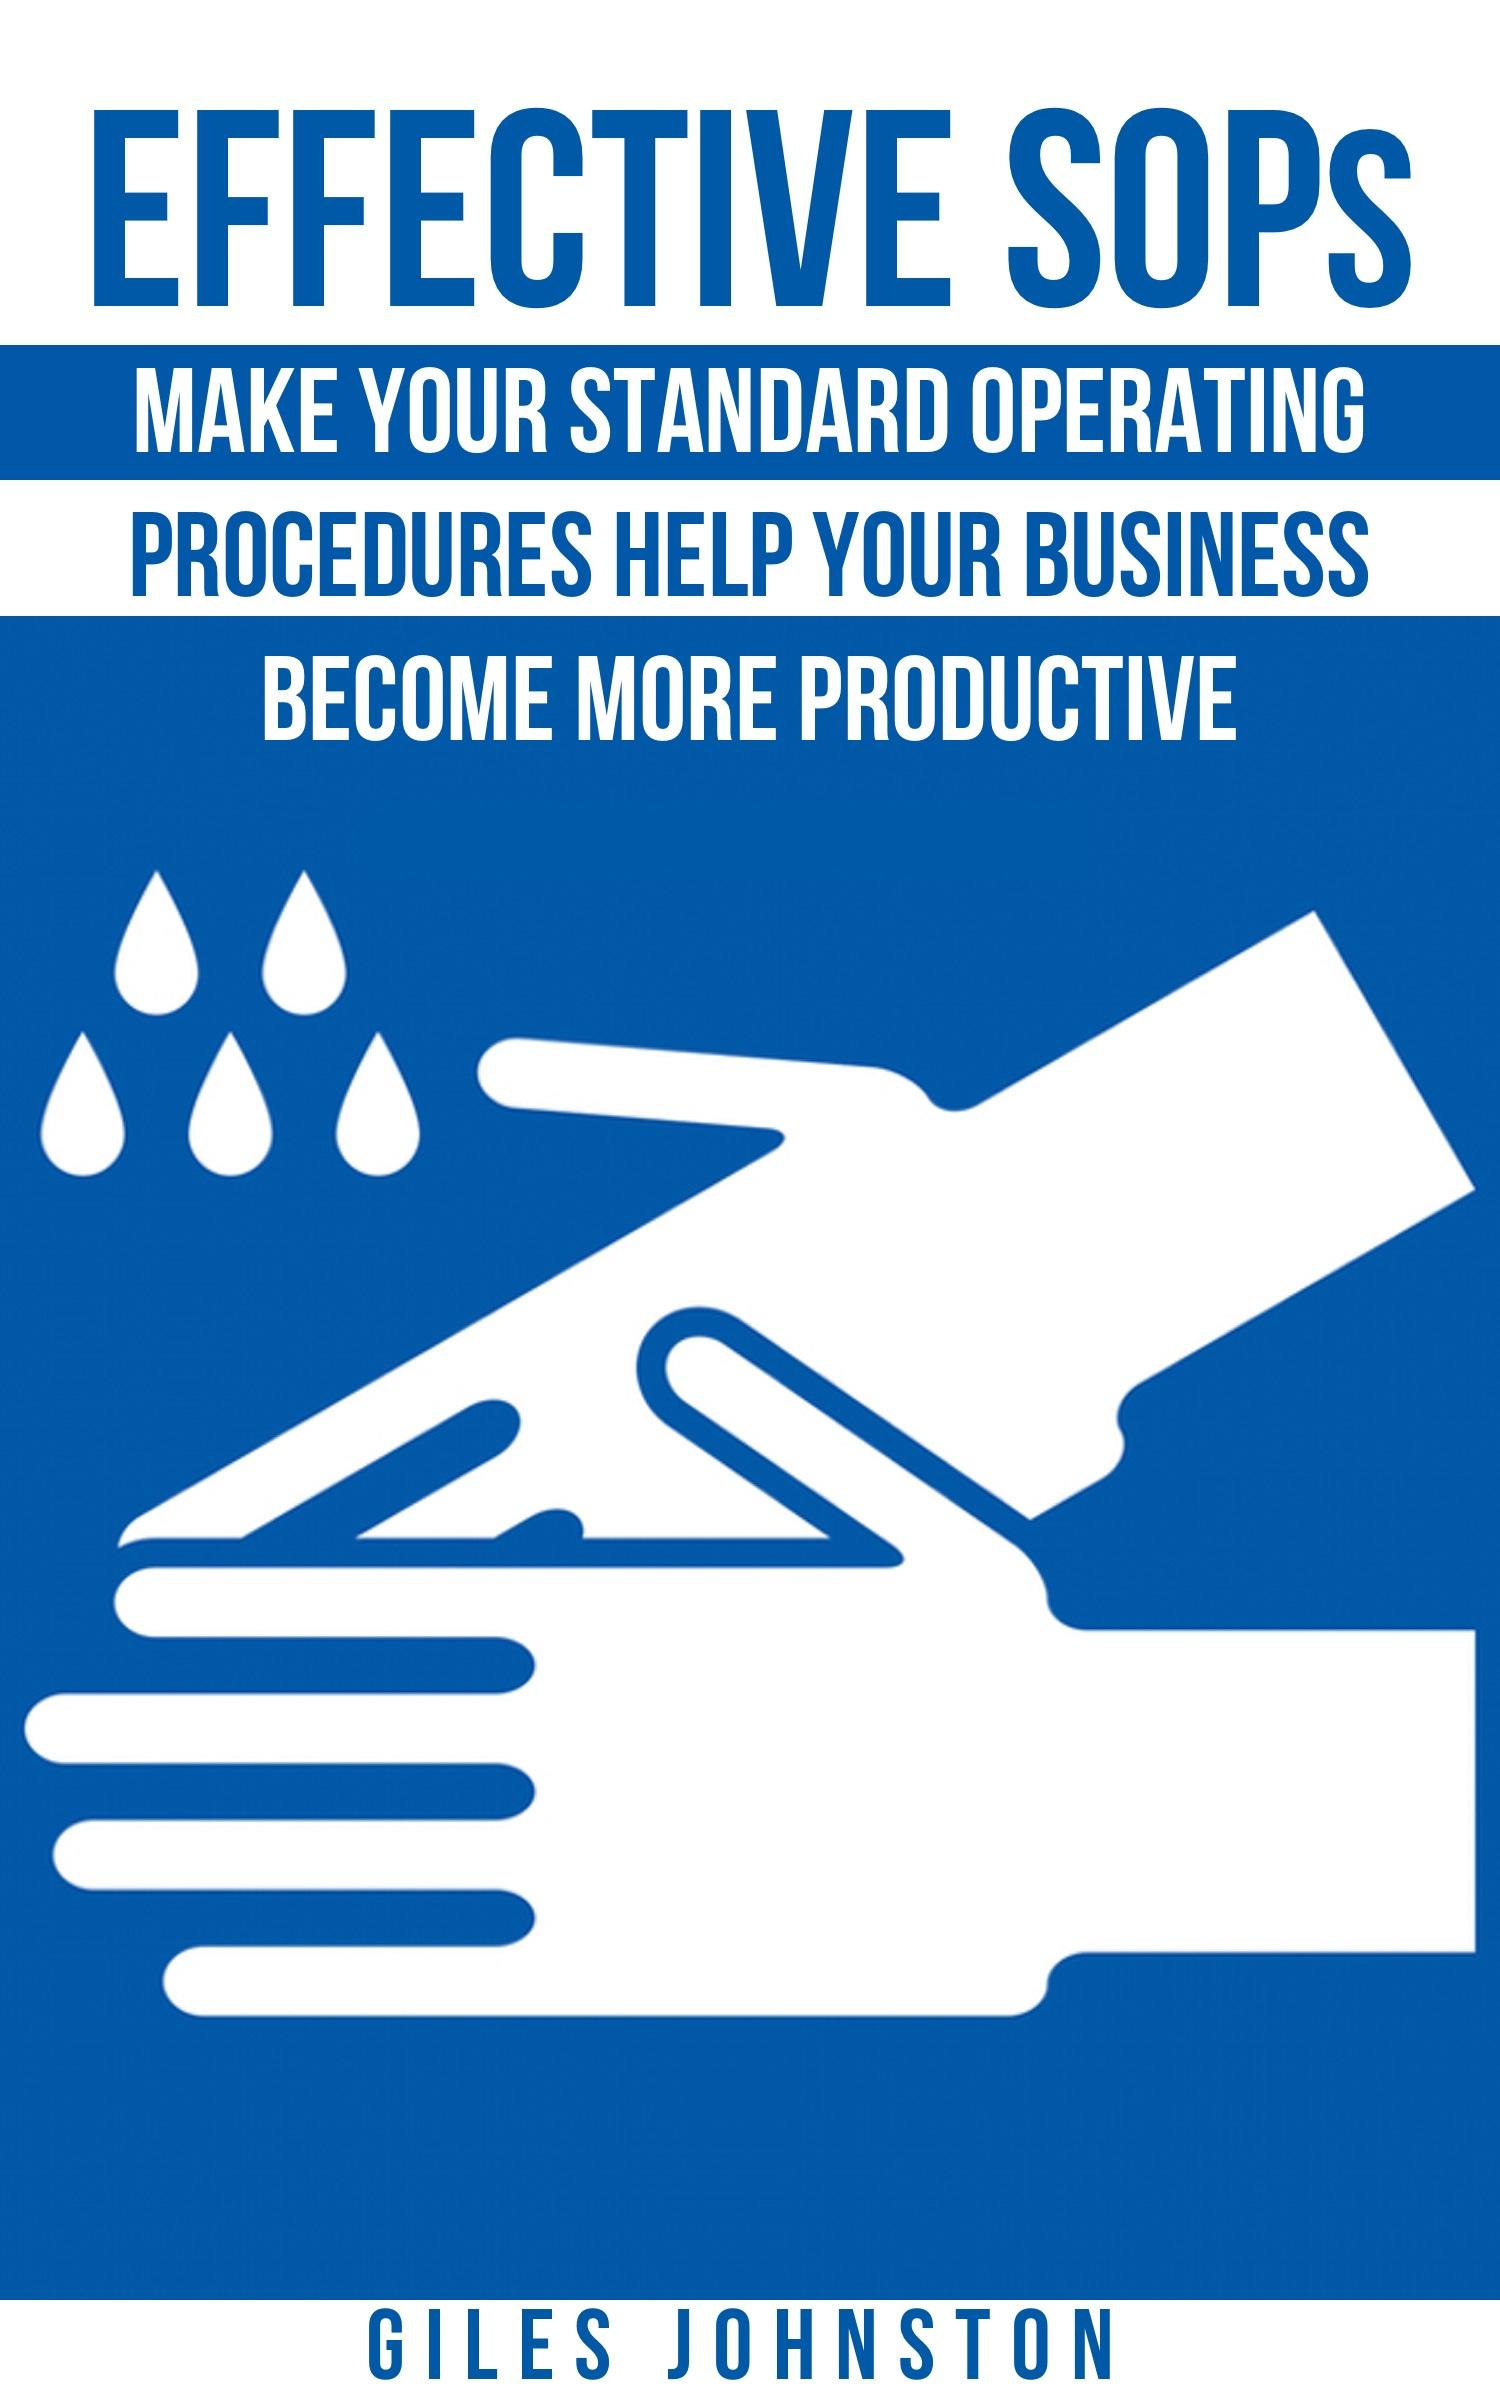 Effective Standard Operating Procedures